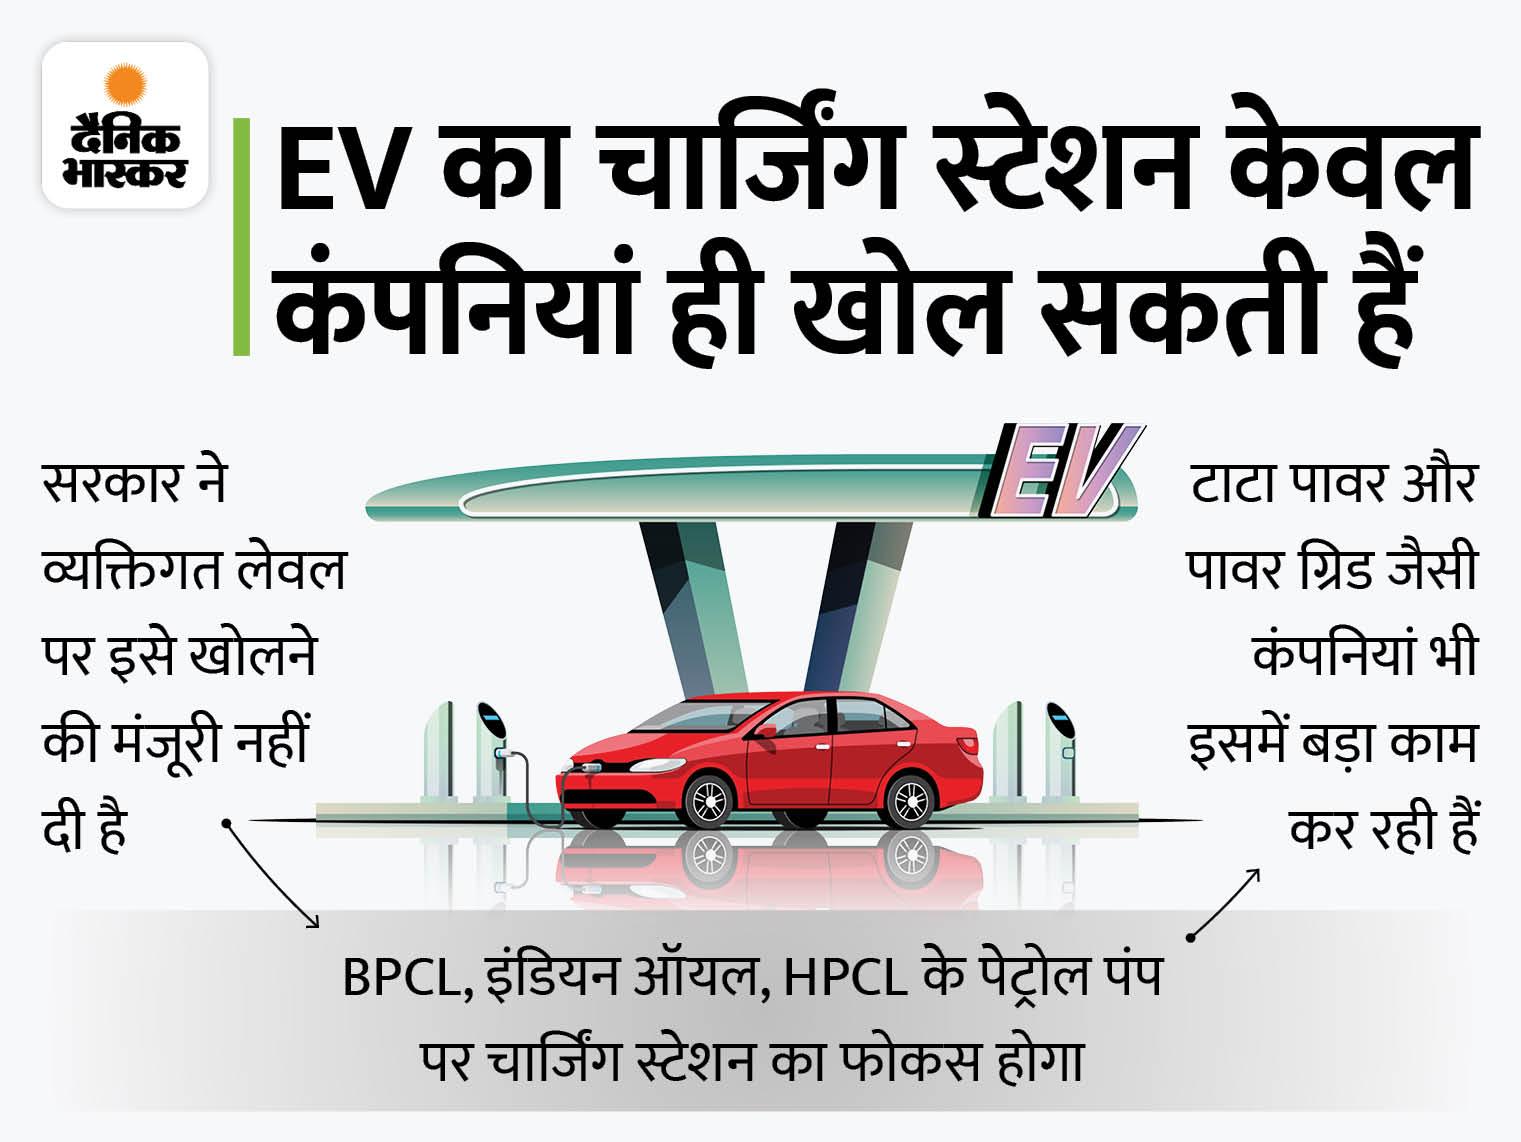 देश में EV का बड़ा बाजार बनेगा, निवेश के साथ रोजगार और कमाई भी होगी बिजनेस,Business - Dainik Bhaskar